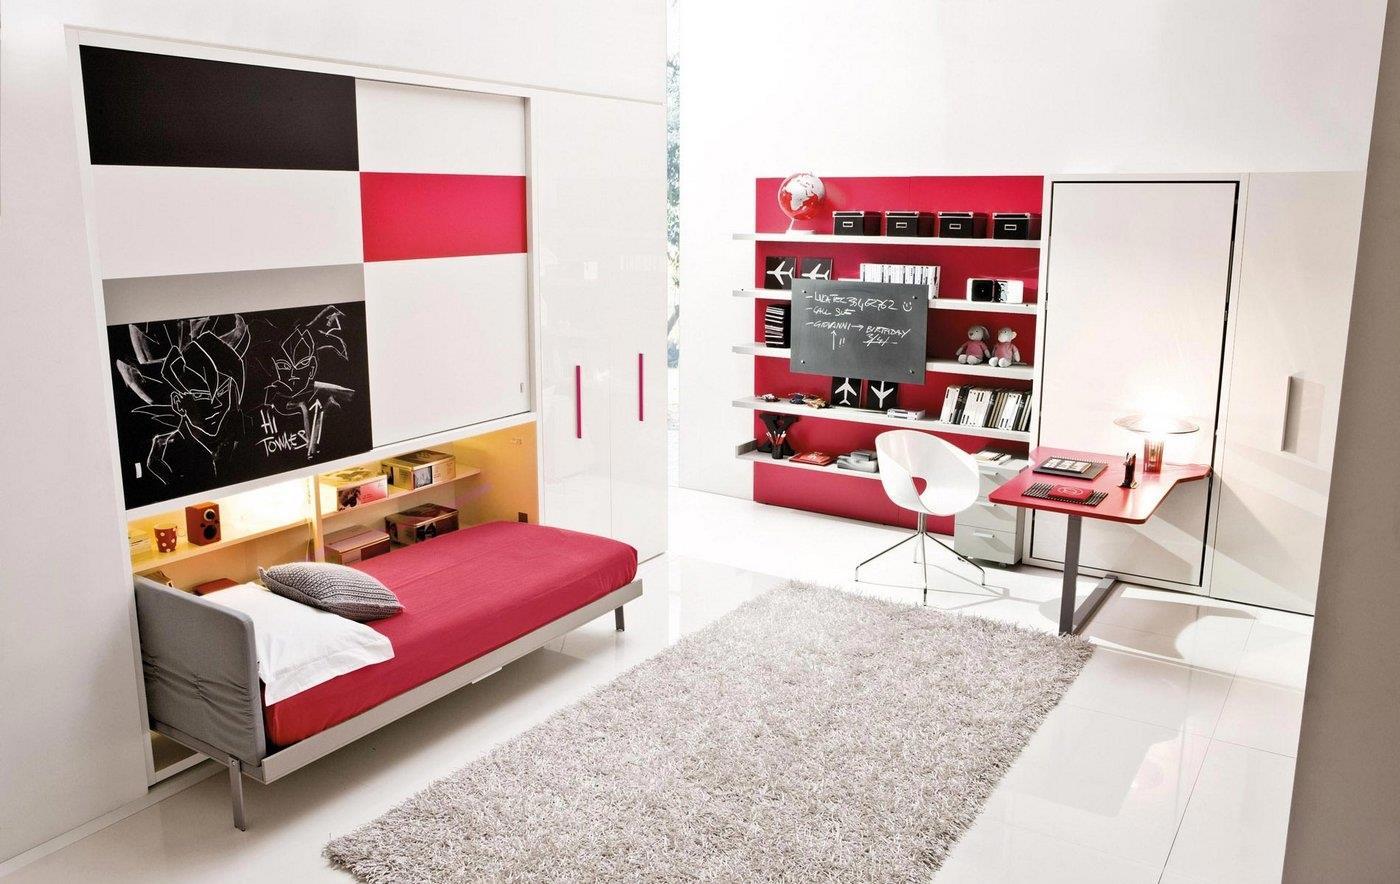 mobila inteligenta, birou si pat alb cu rosu